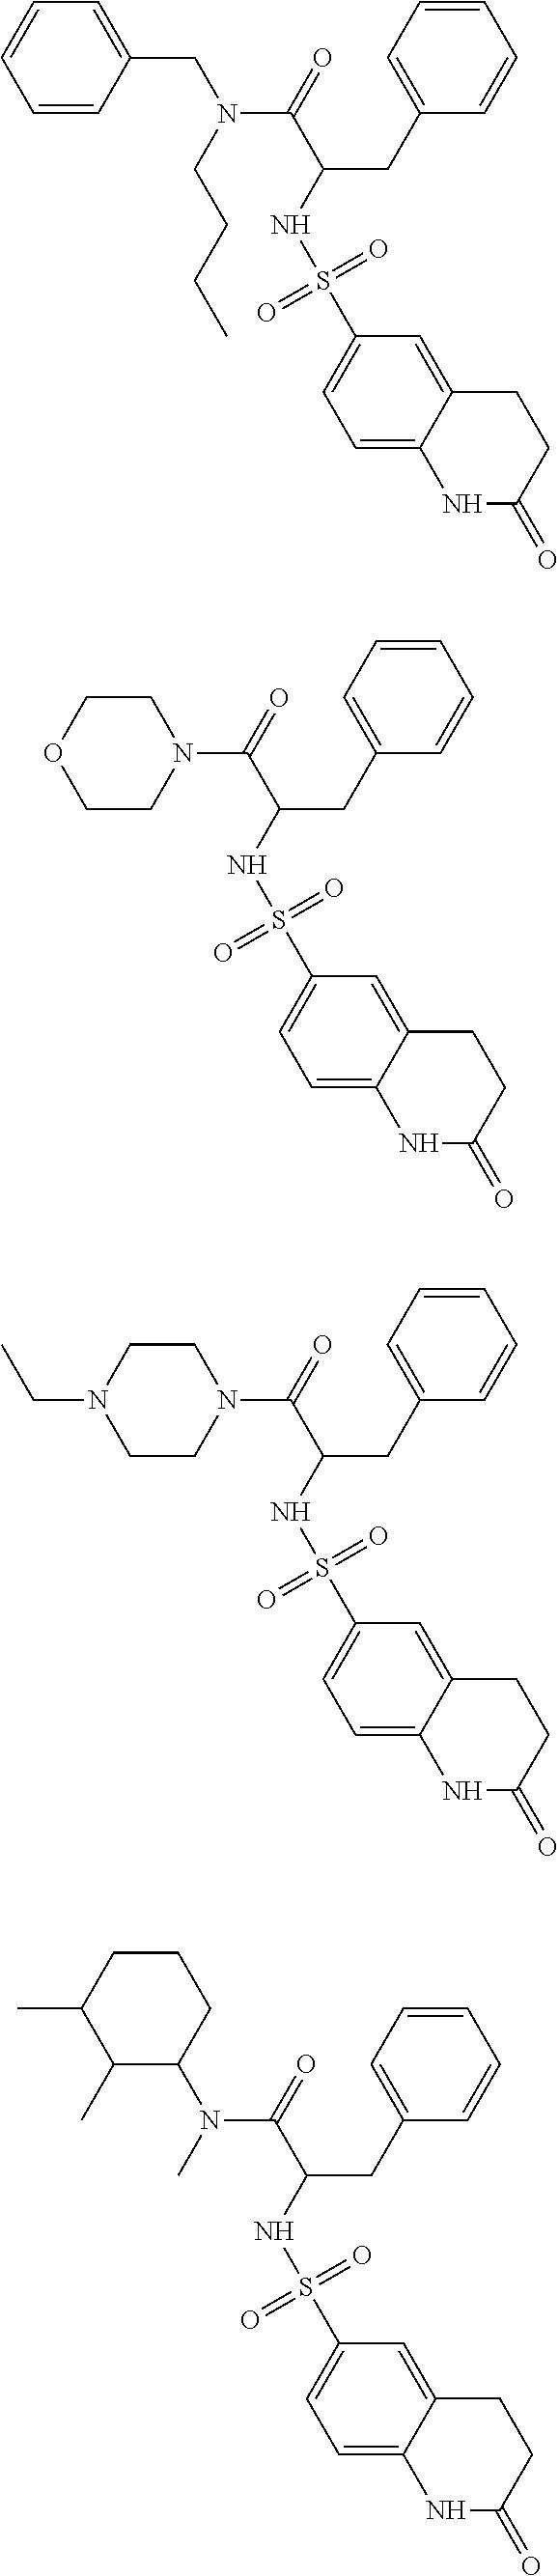 Figure US08957075-20150217-C00111